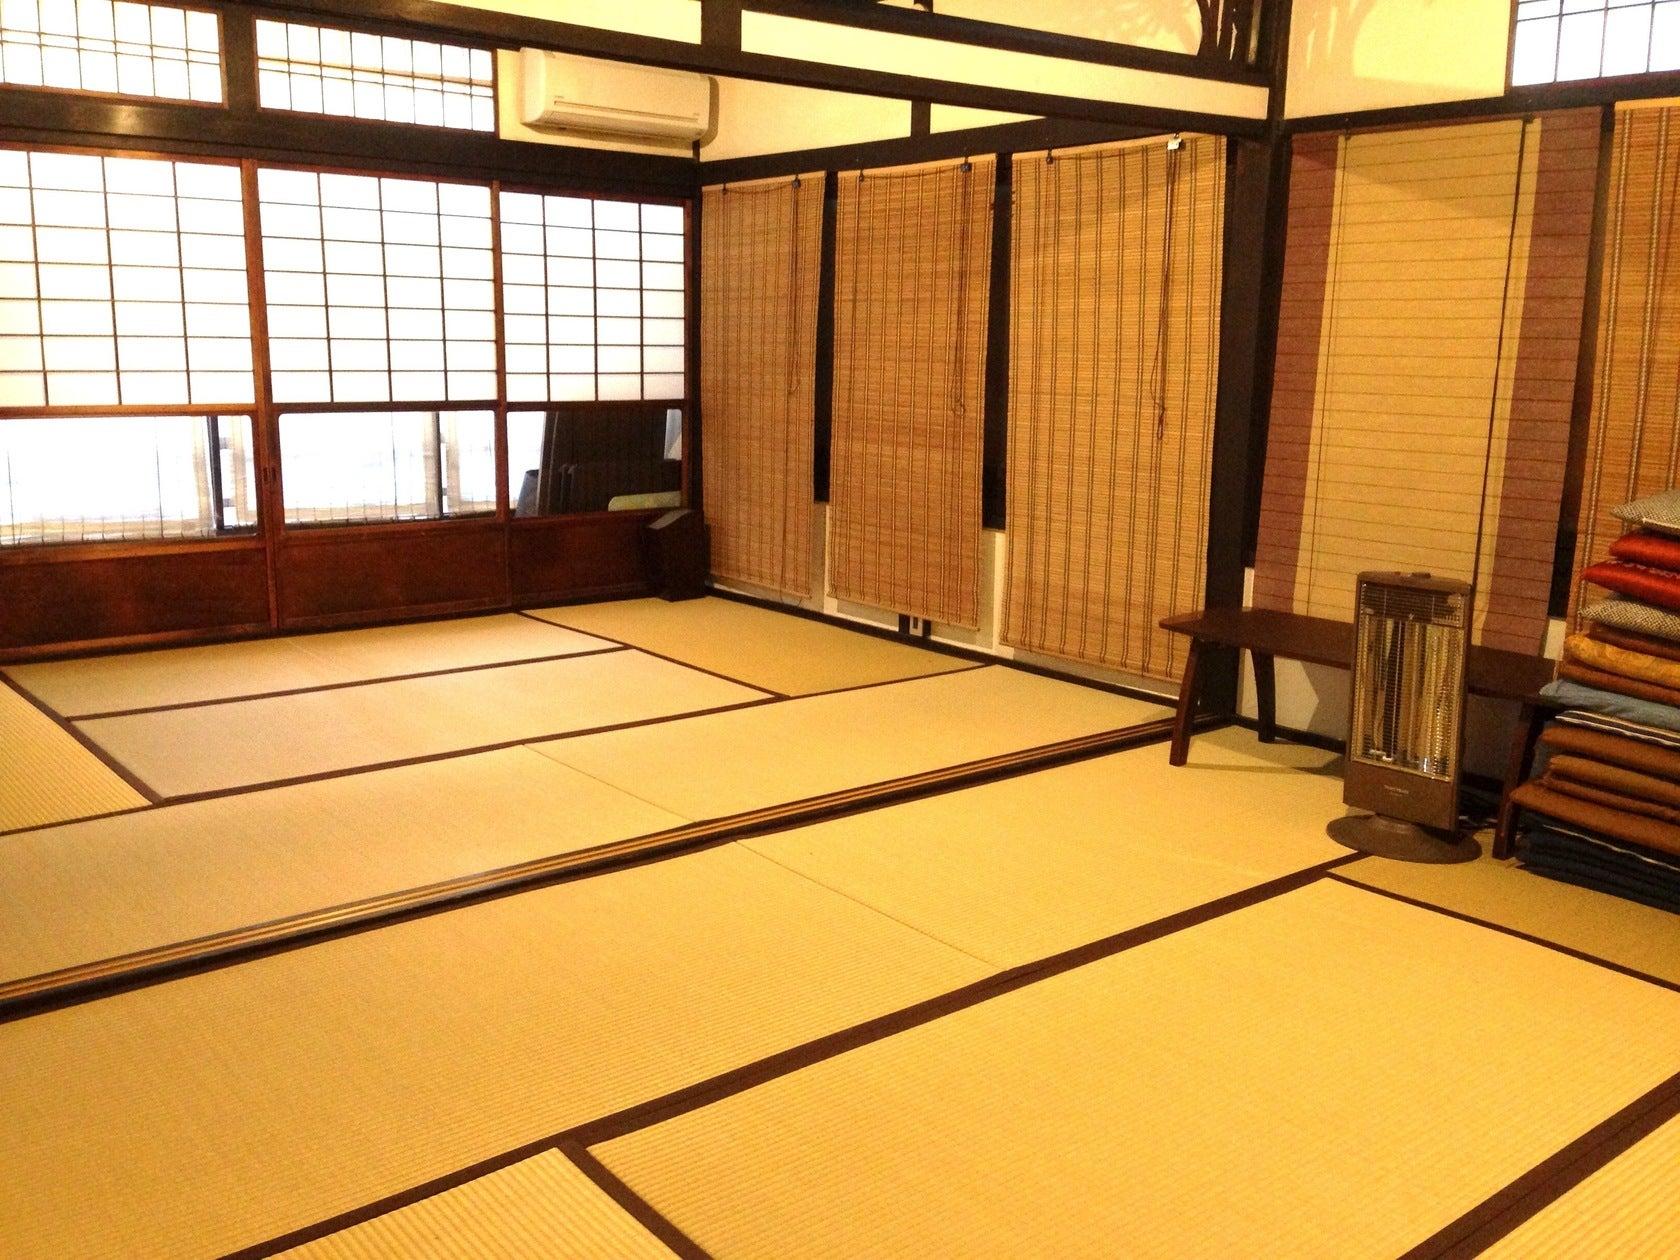 8月いっぱいで閉館いたします。【京都・清水五条】町家貸切レンタルスペース の写真